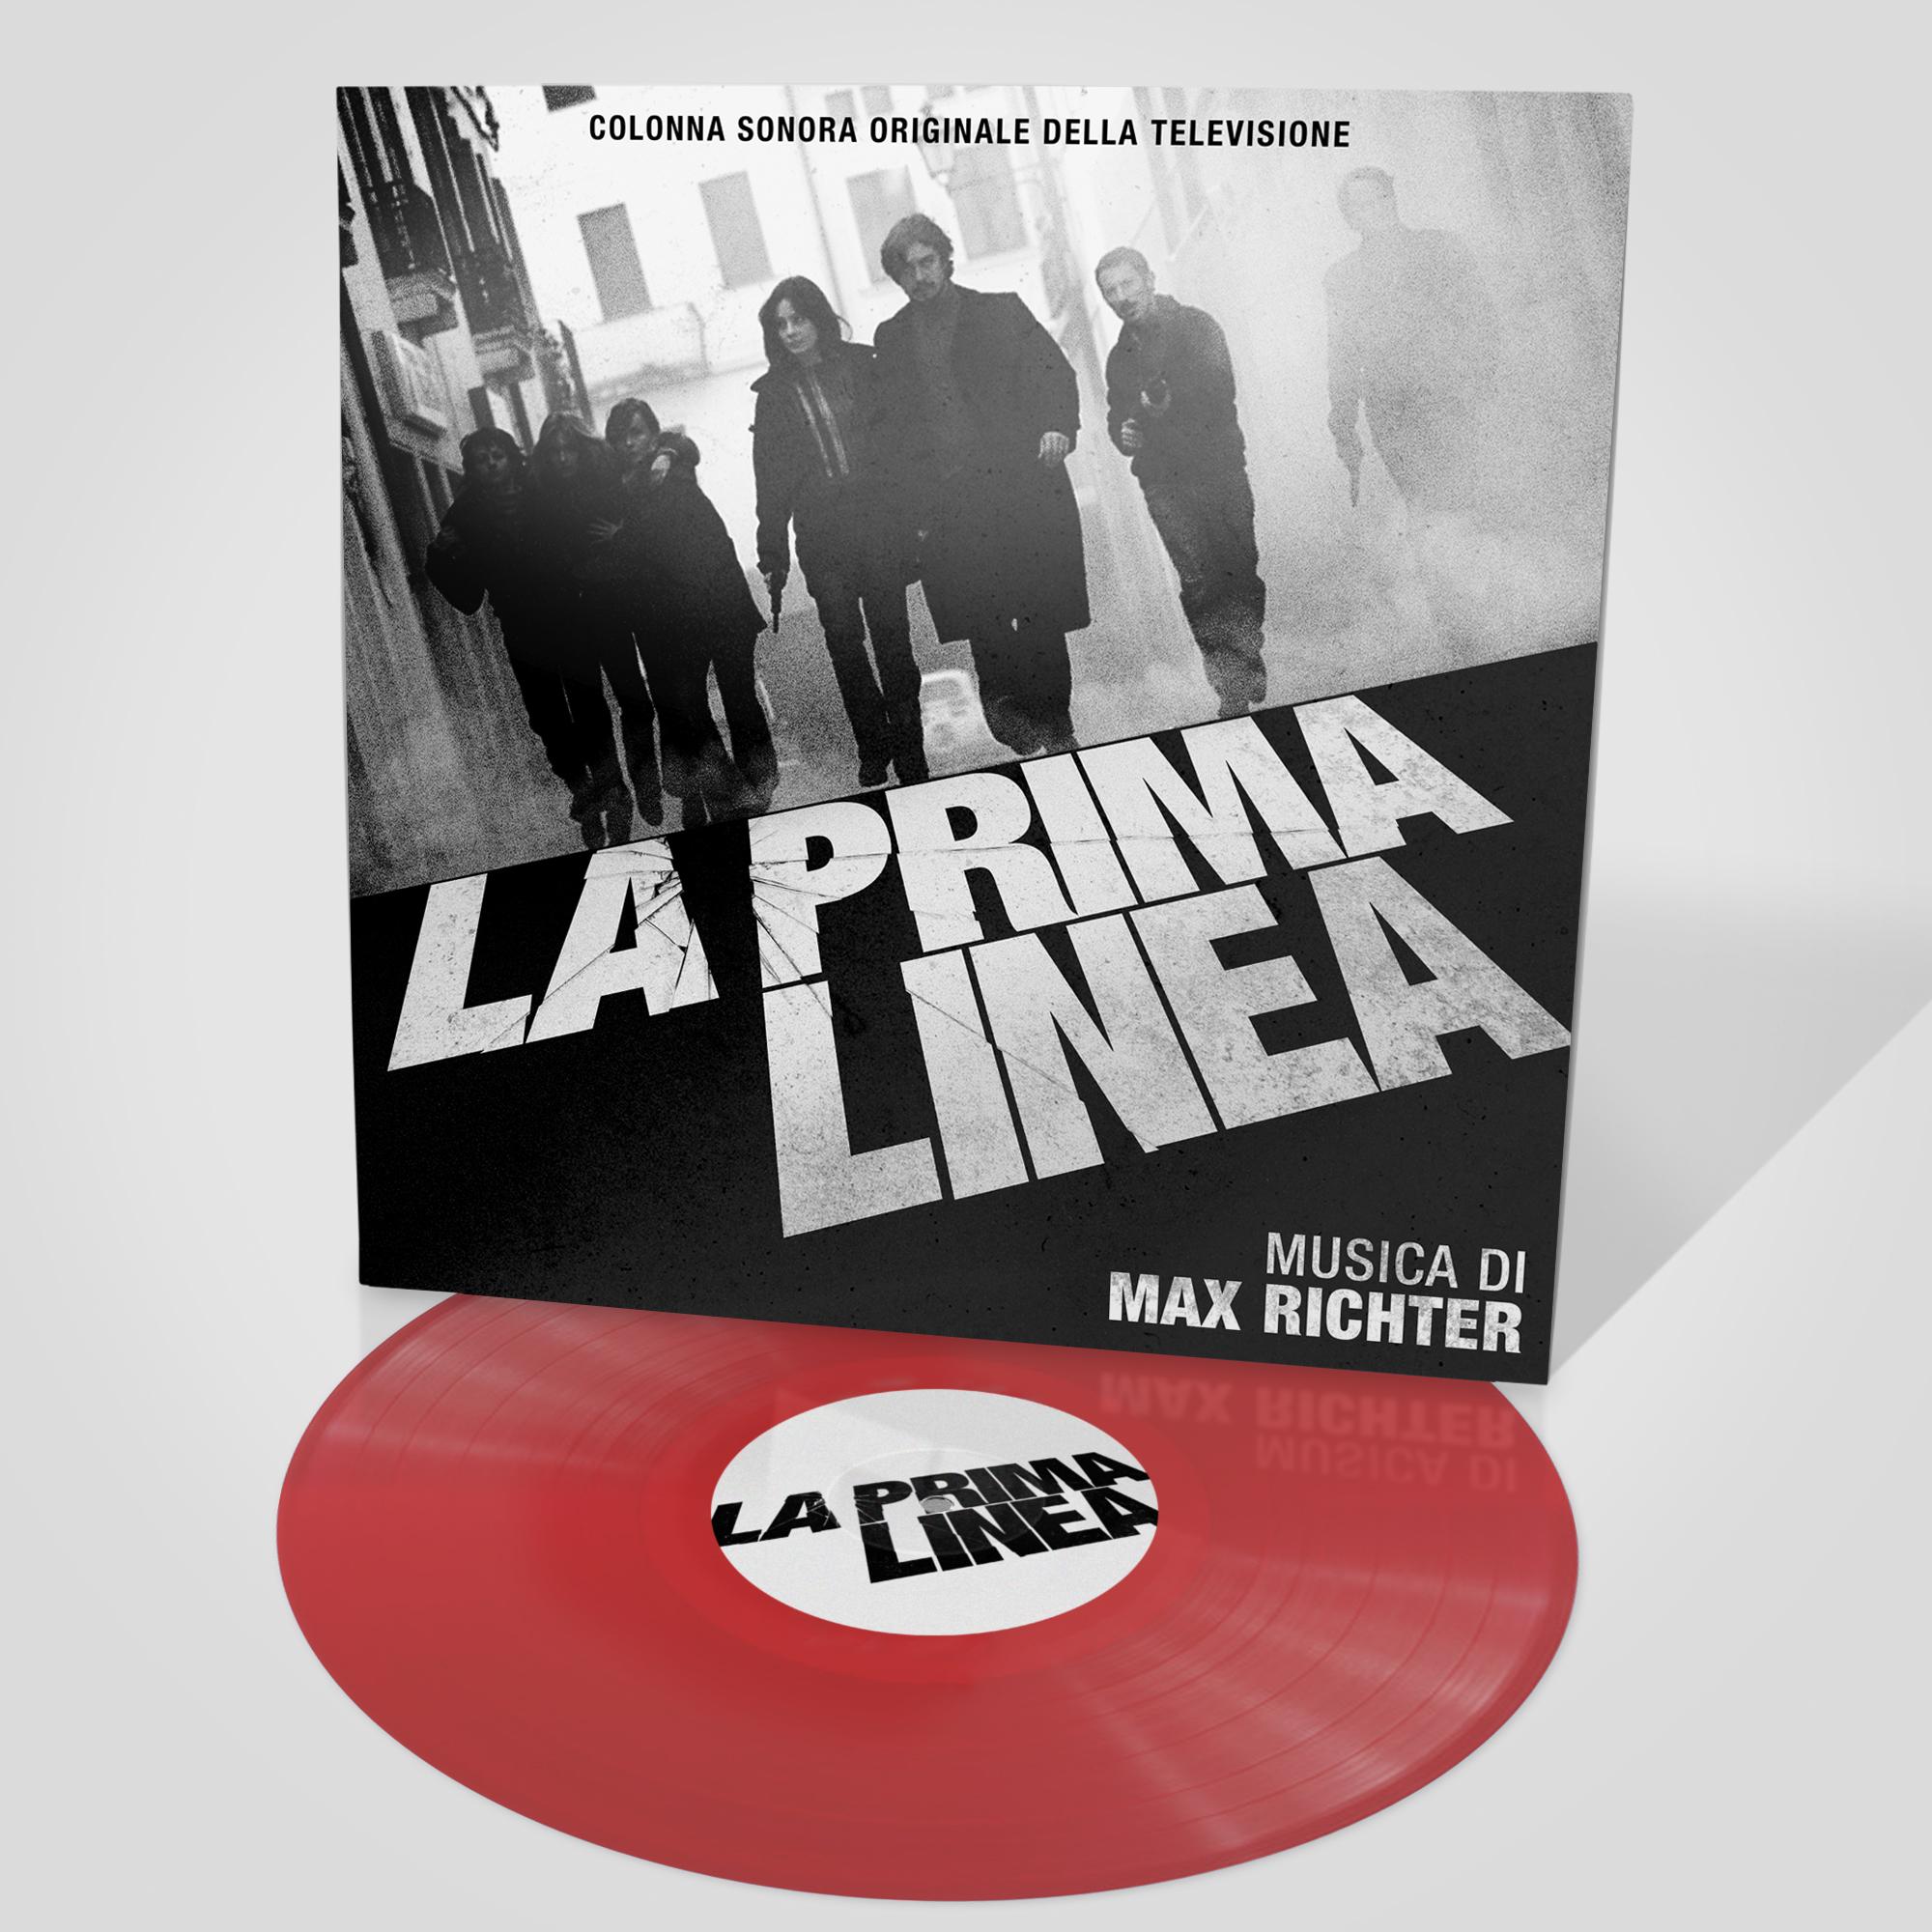 La Prima Linea (UK/EU RSD Exclusive)